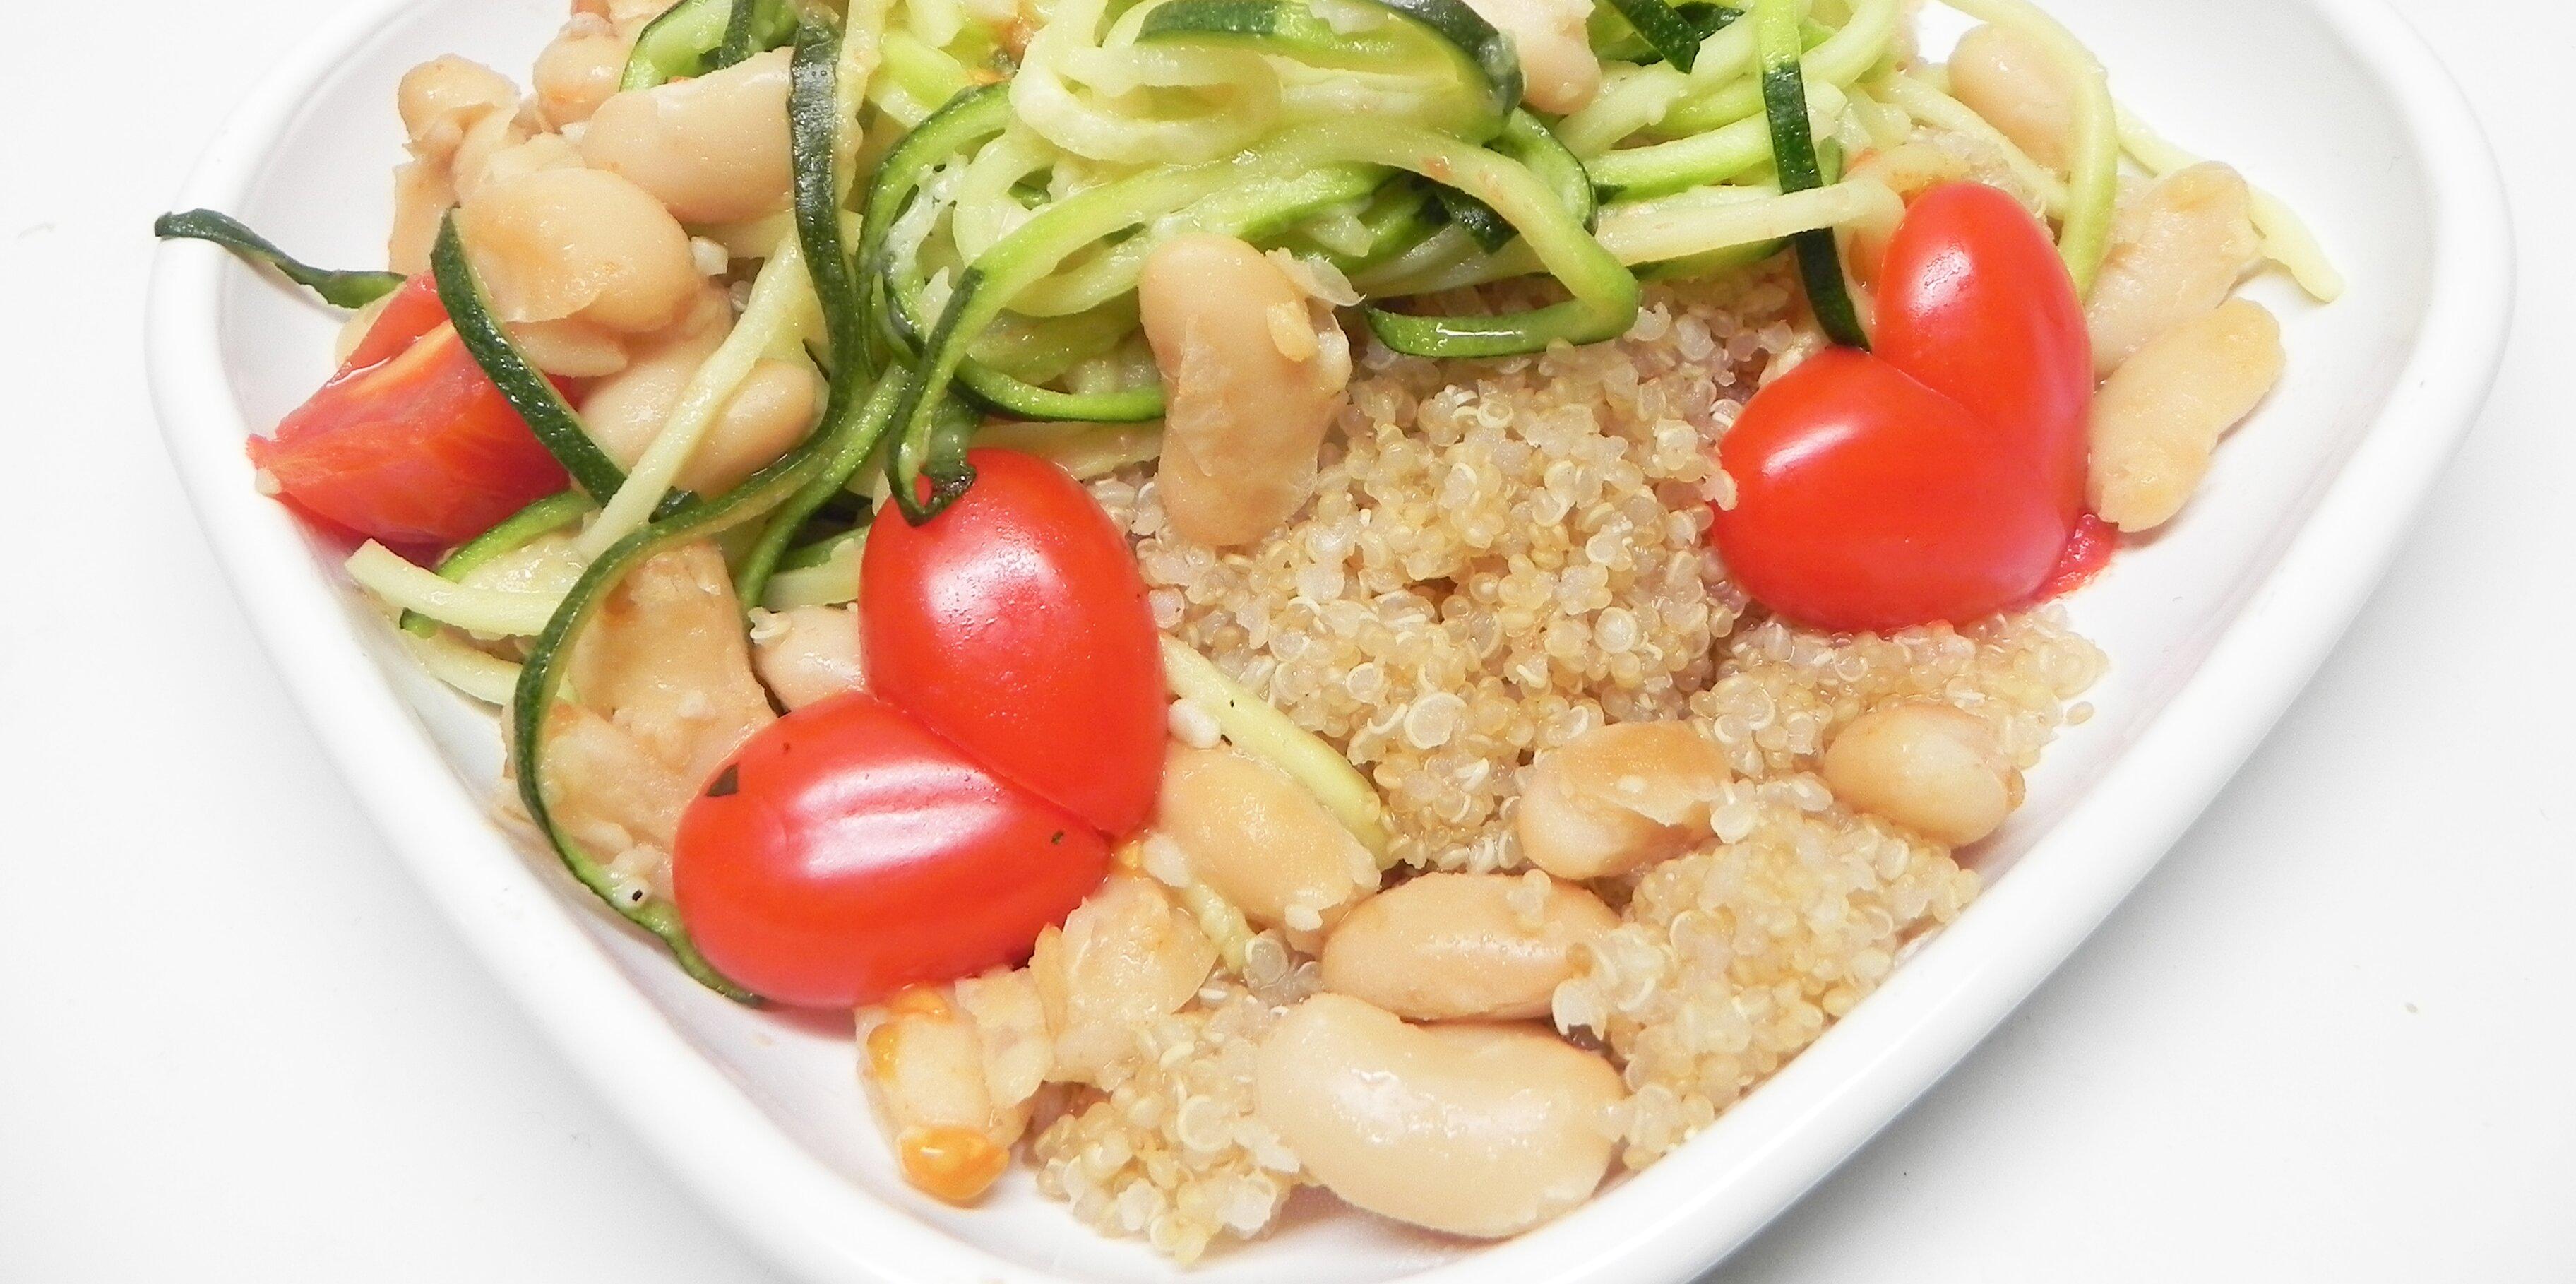 zucchini noodle and cannellini bean quinoa bowl recipe